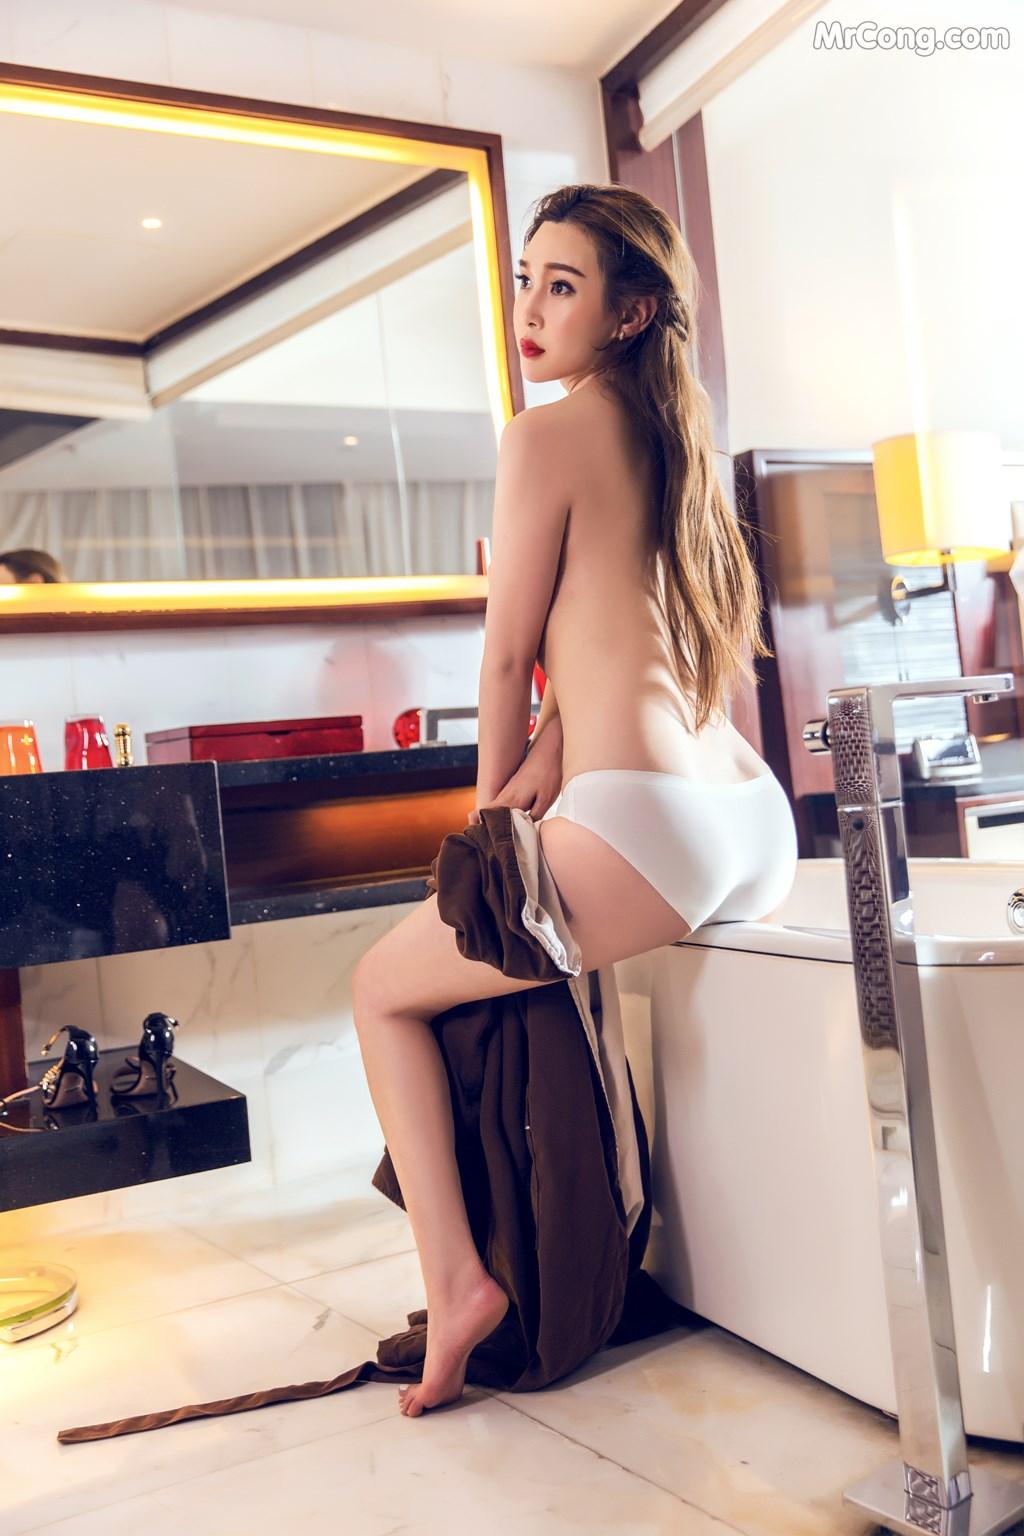 Image TouTiao-2017-09-16-Shen-Mei-Yan-MrCong.com-021 in post TouTiao 2017-09-16: Người mẫu Shen Mei Yan (申美嫣) (34 ảnh)